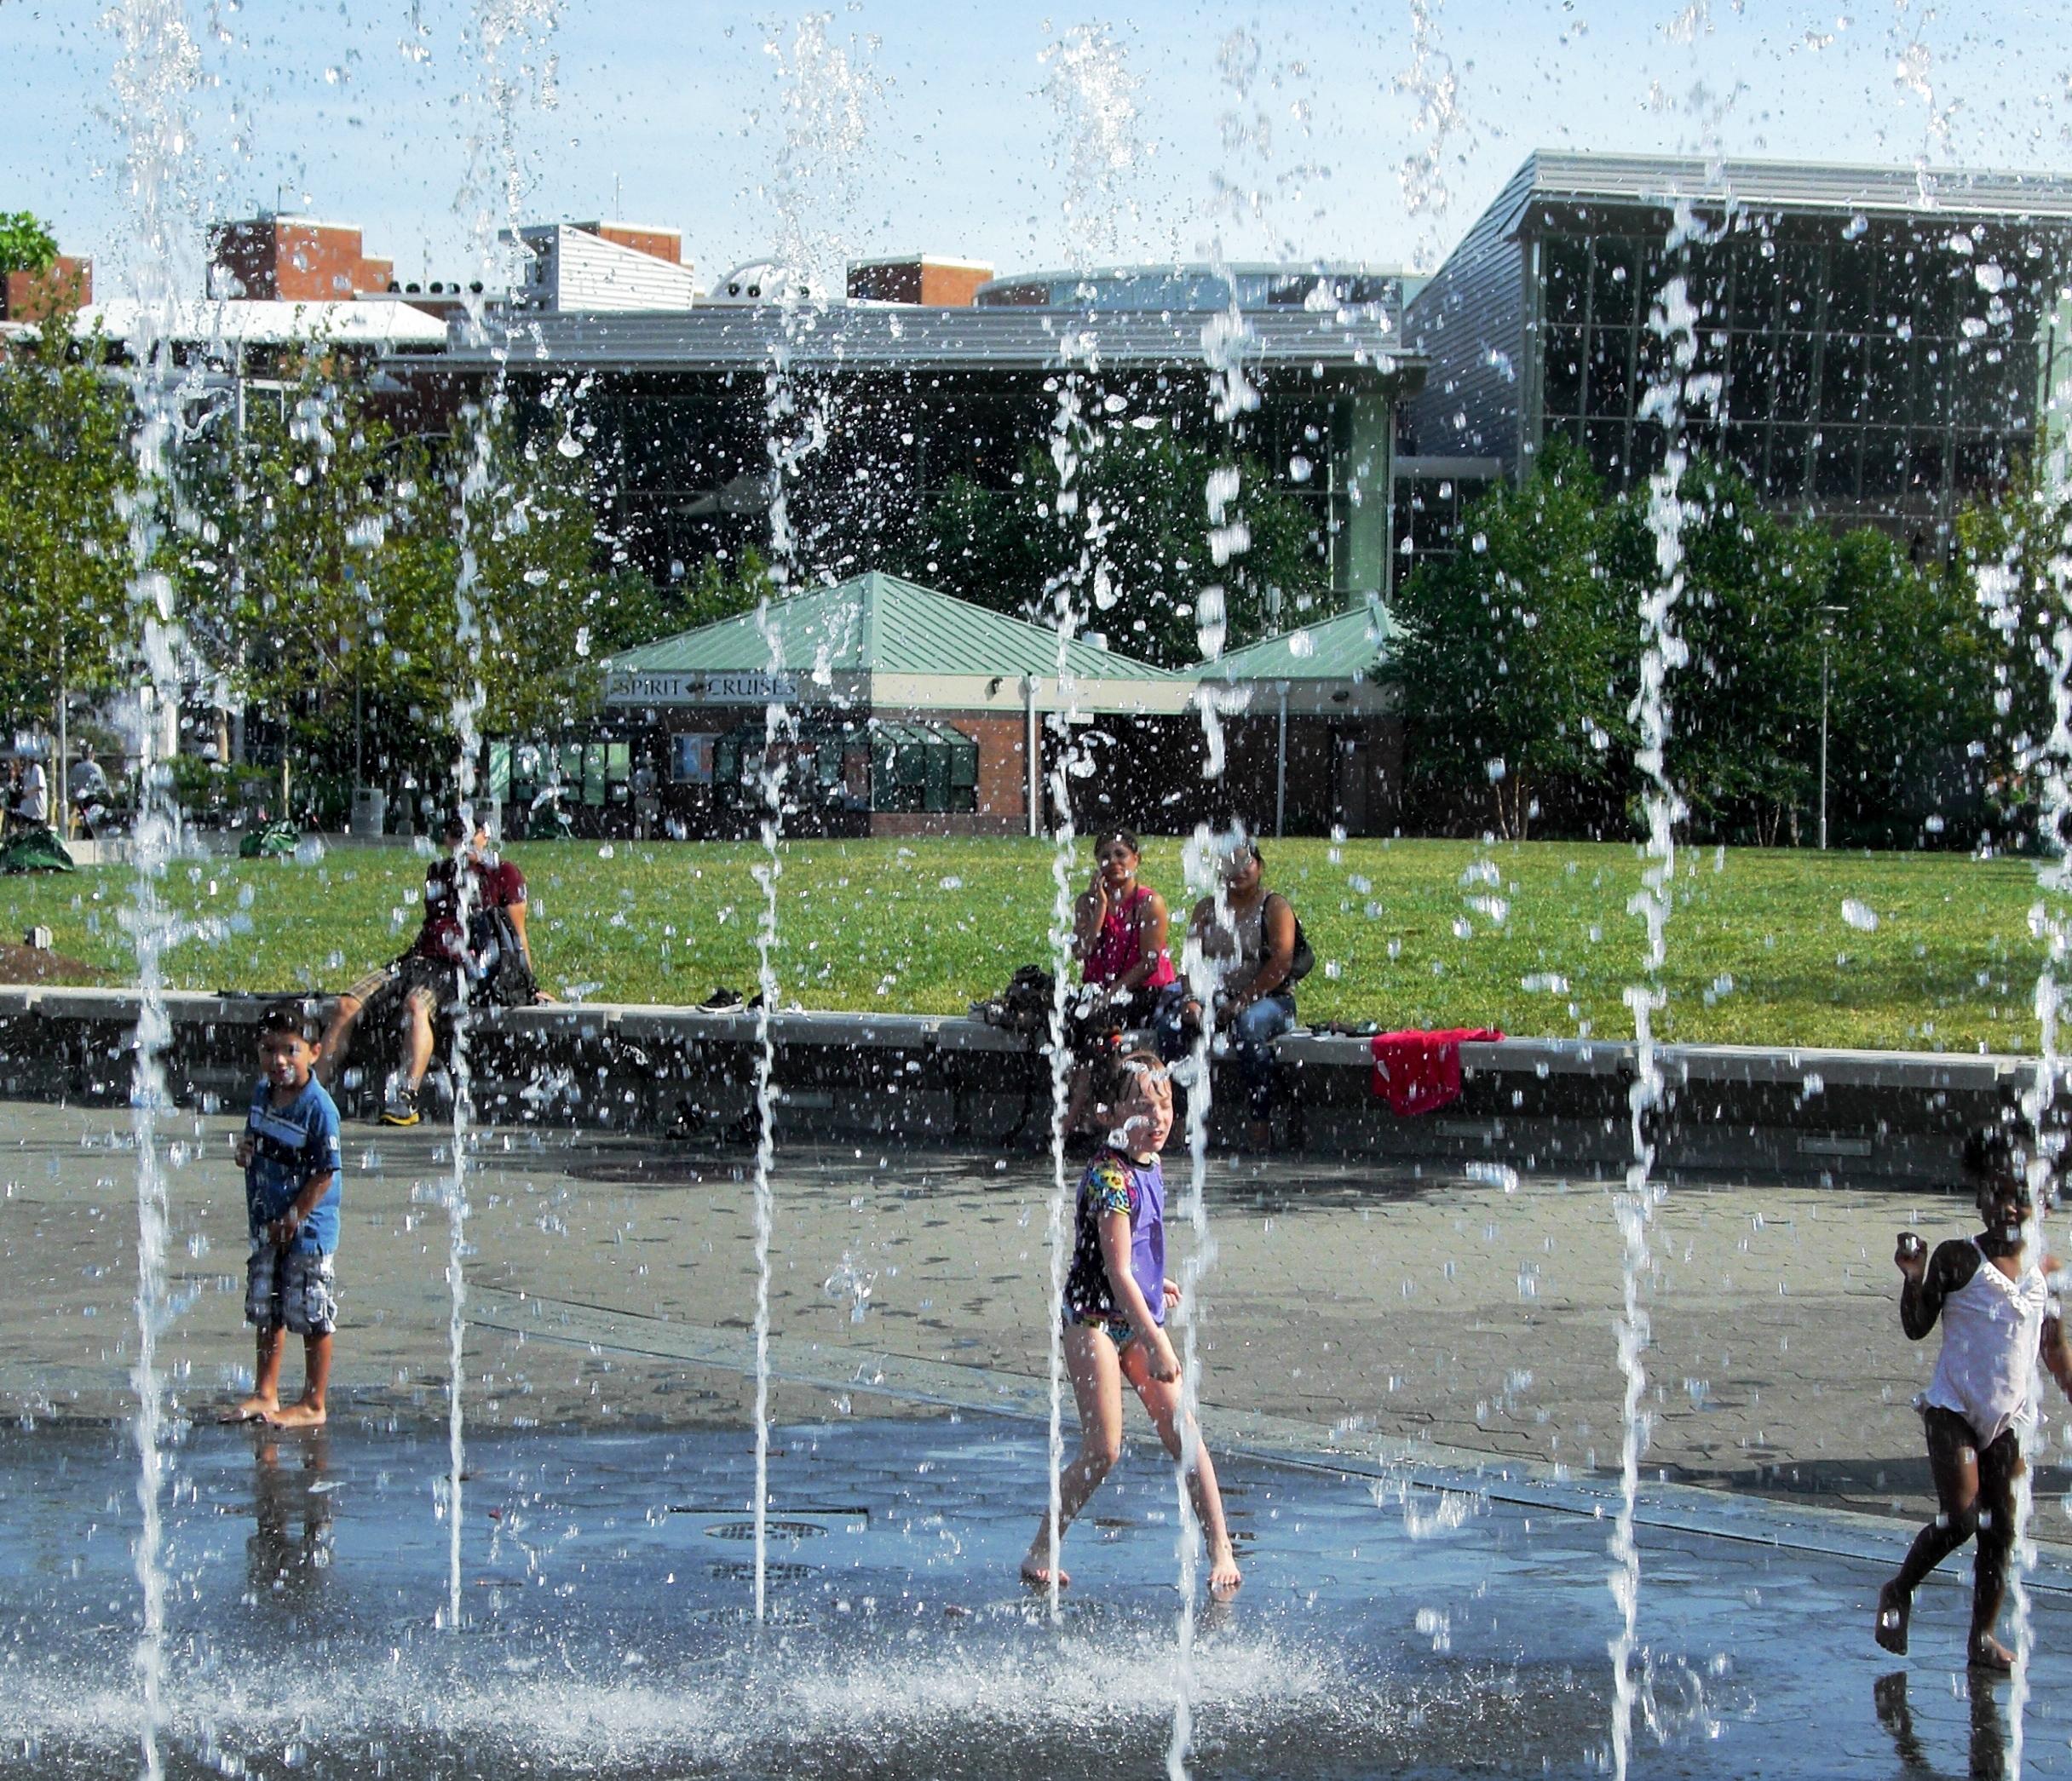 Summer Activities in Baltimore - Fountain